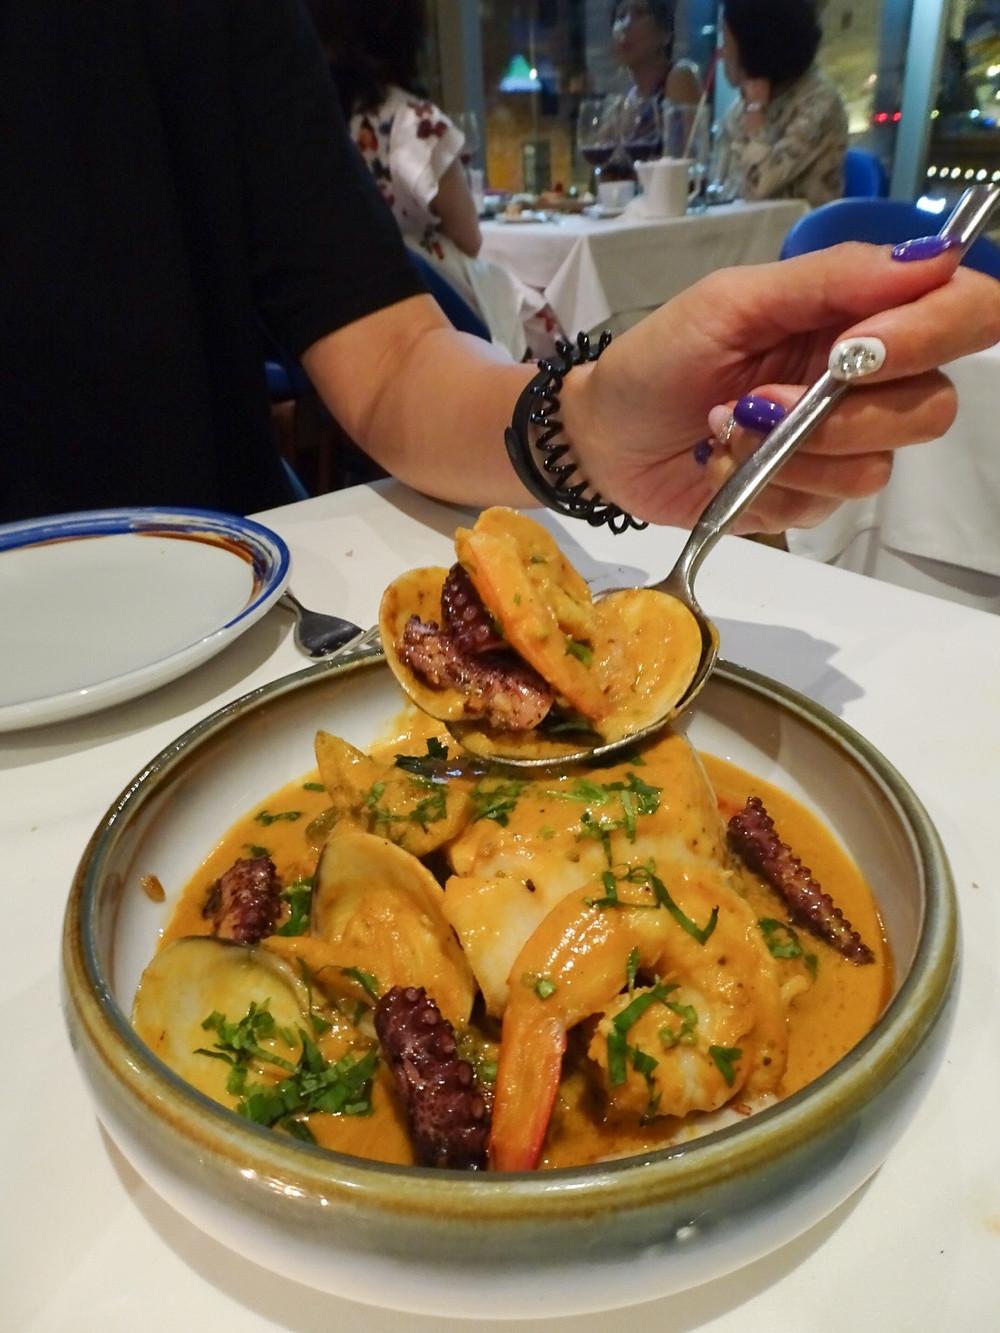 Food at Casa Lisboa restaurant in Hong Kong